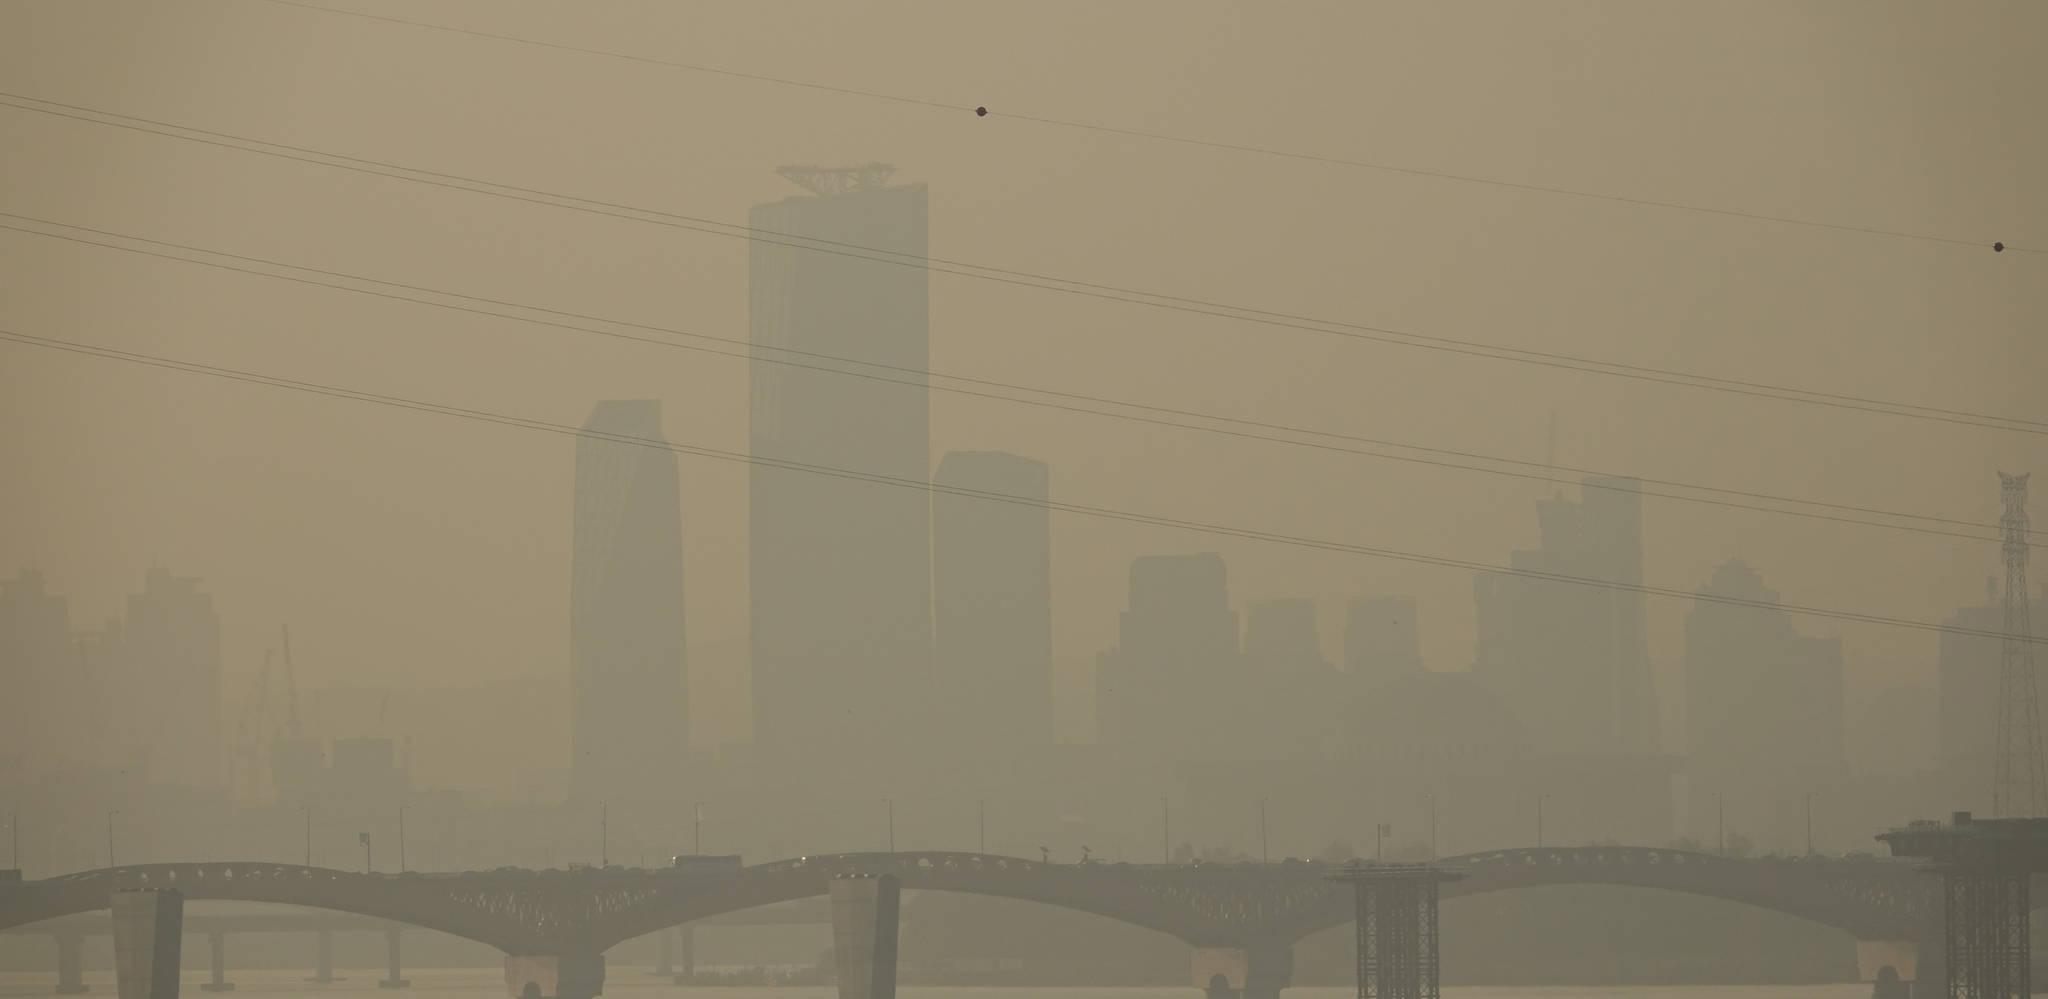 지난 25일 오전 여의도 지역 건물들이 미세먼지와 짙은 안개로 뿌옇게 보이고 있다. [연합뉴스]